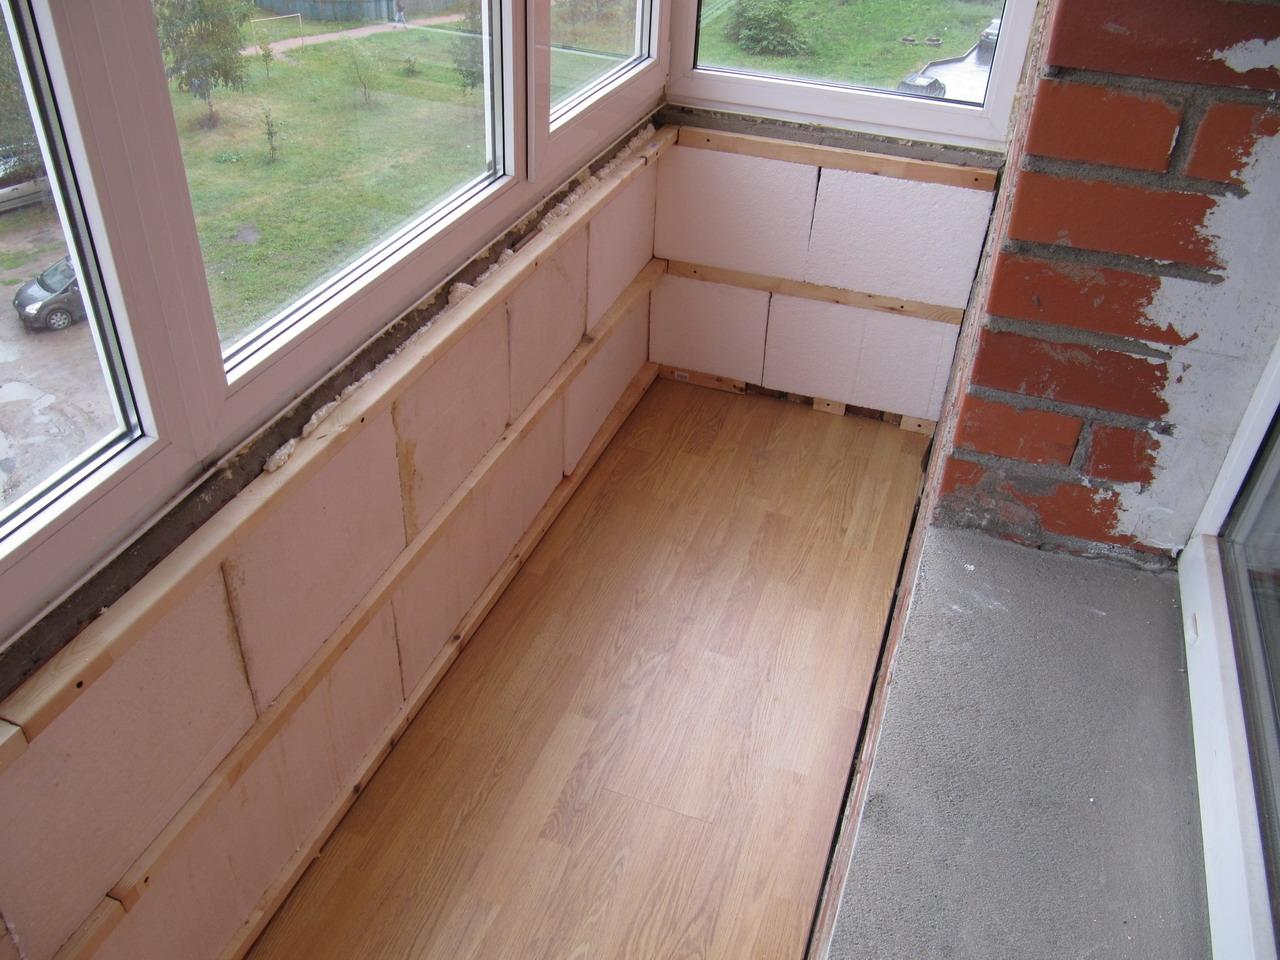 Утеплитель для лоджии и балкона изнутри утепление пола на